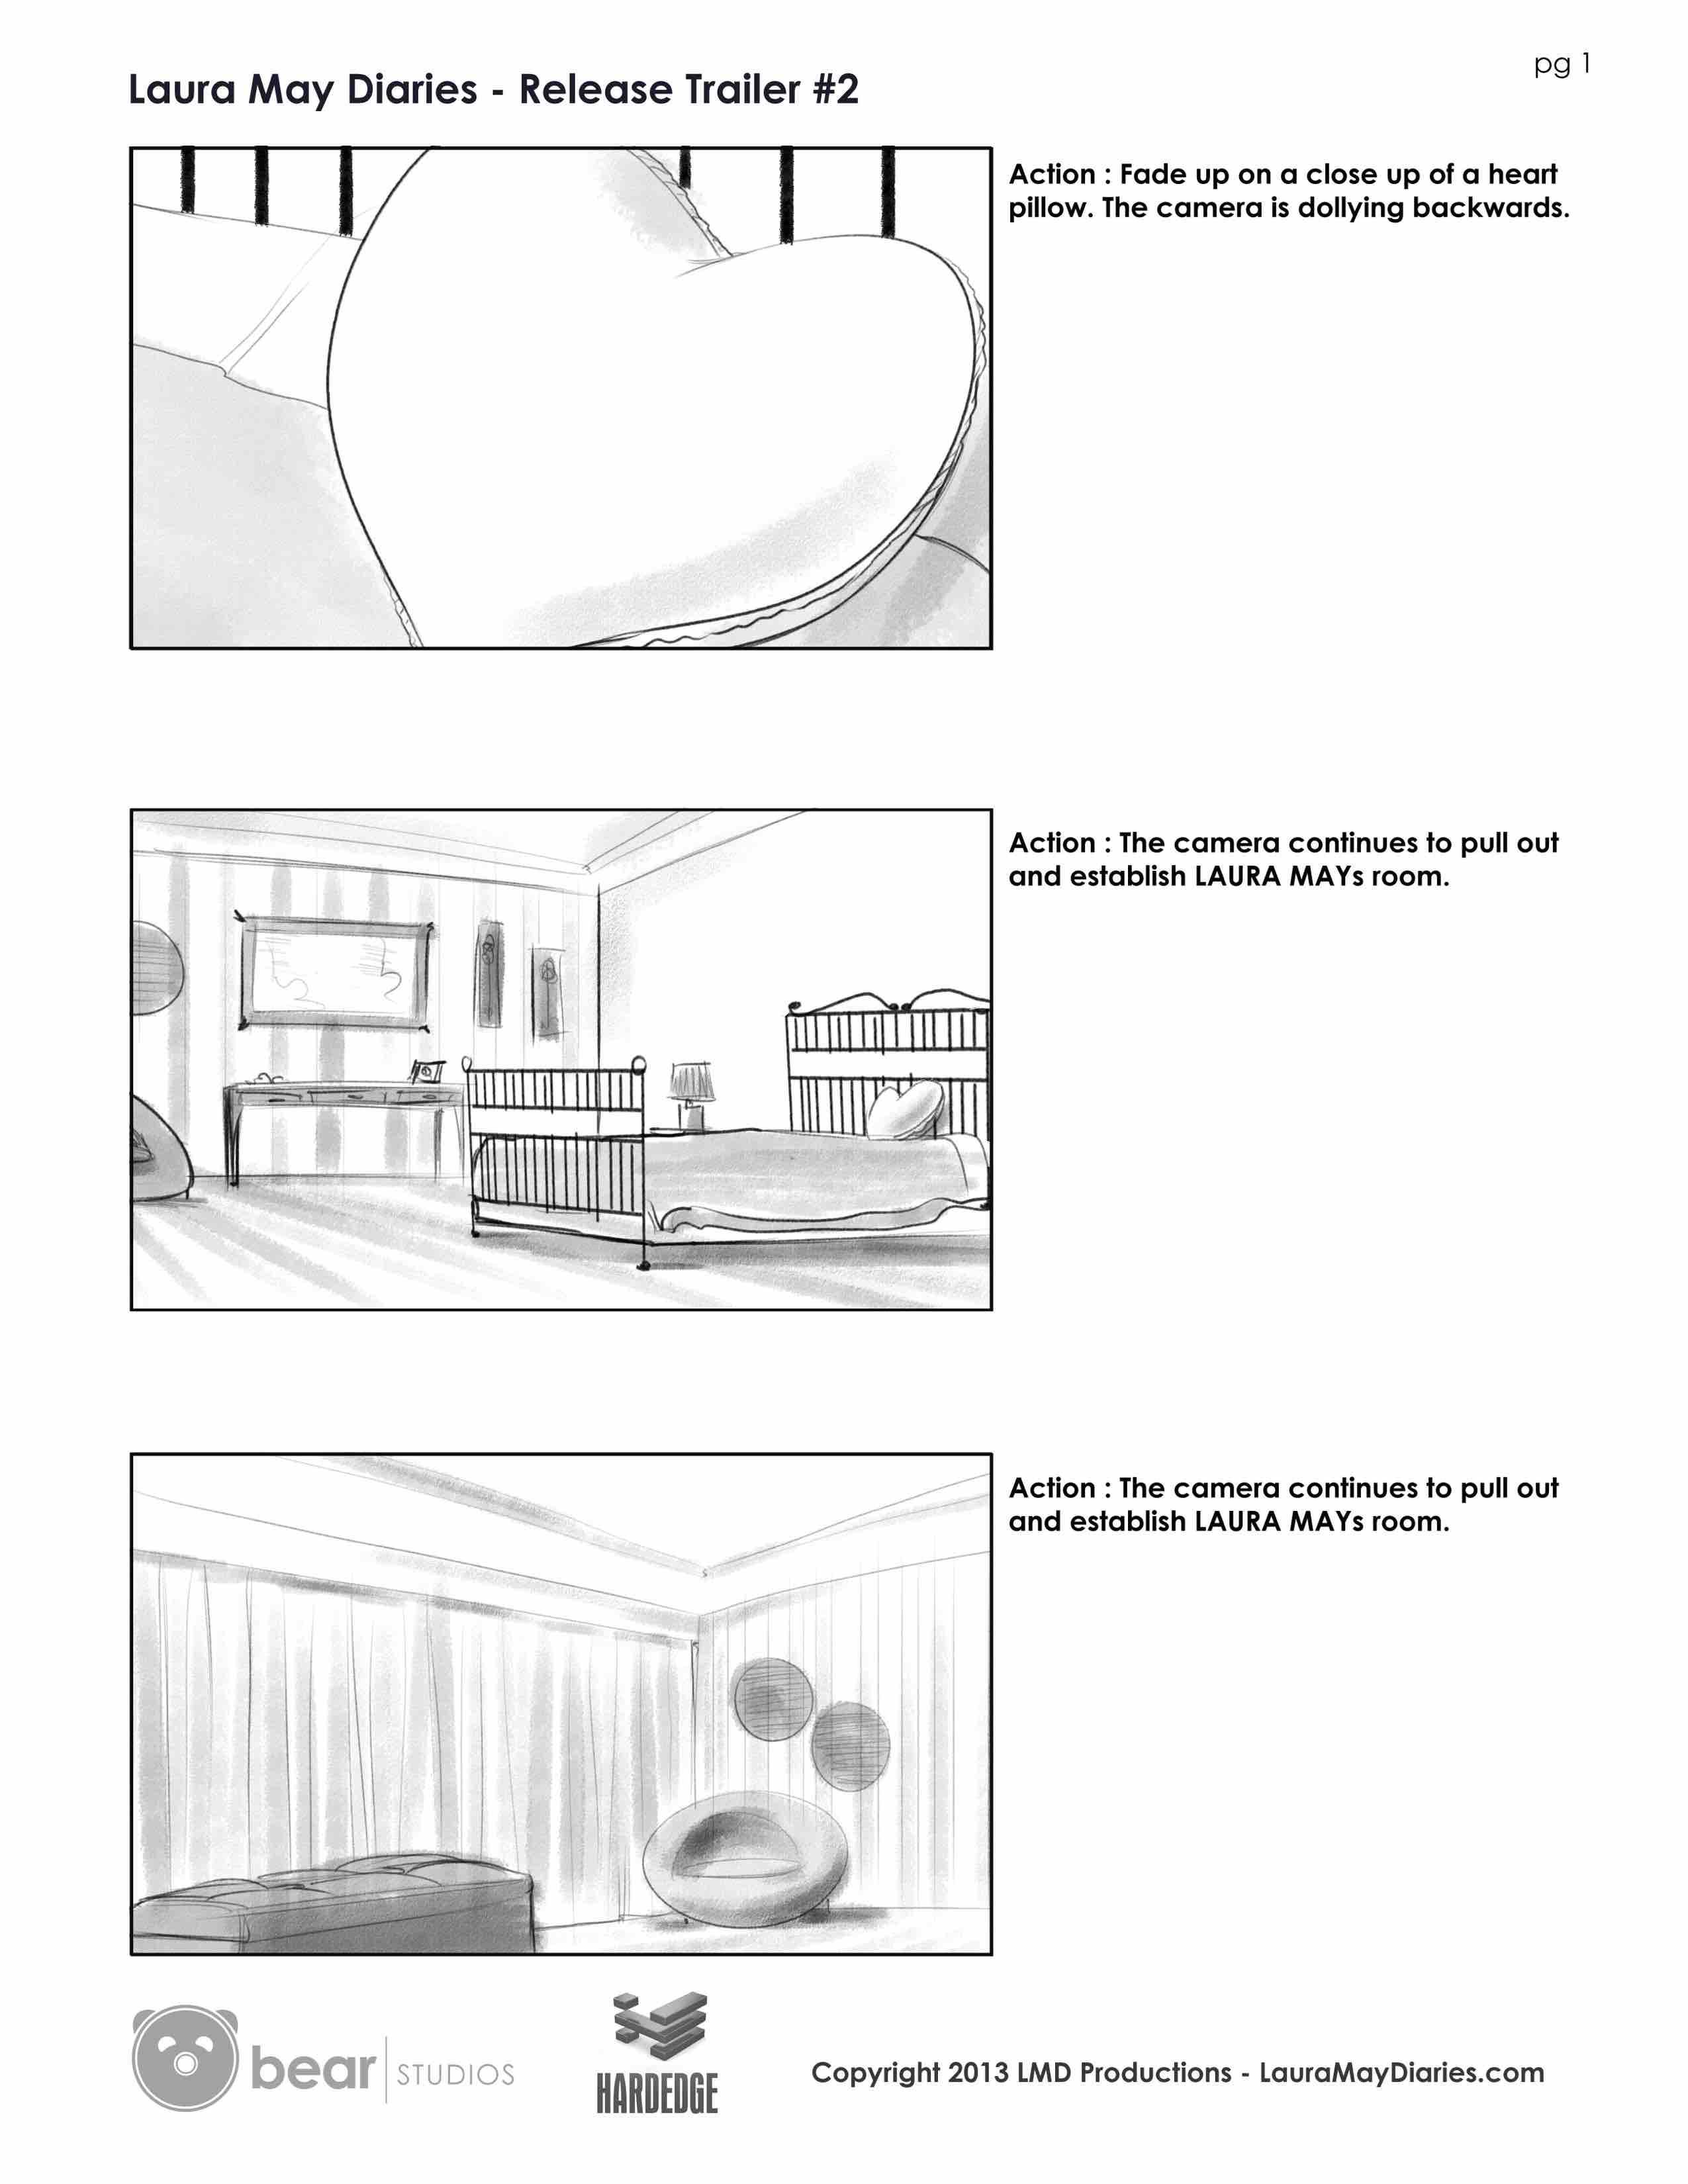 13-03-01_LMD_Trailer2_Storyboard 1